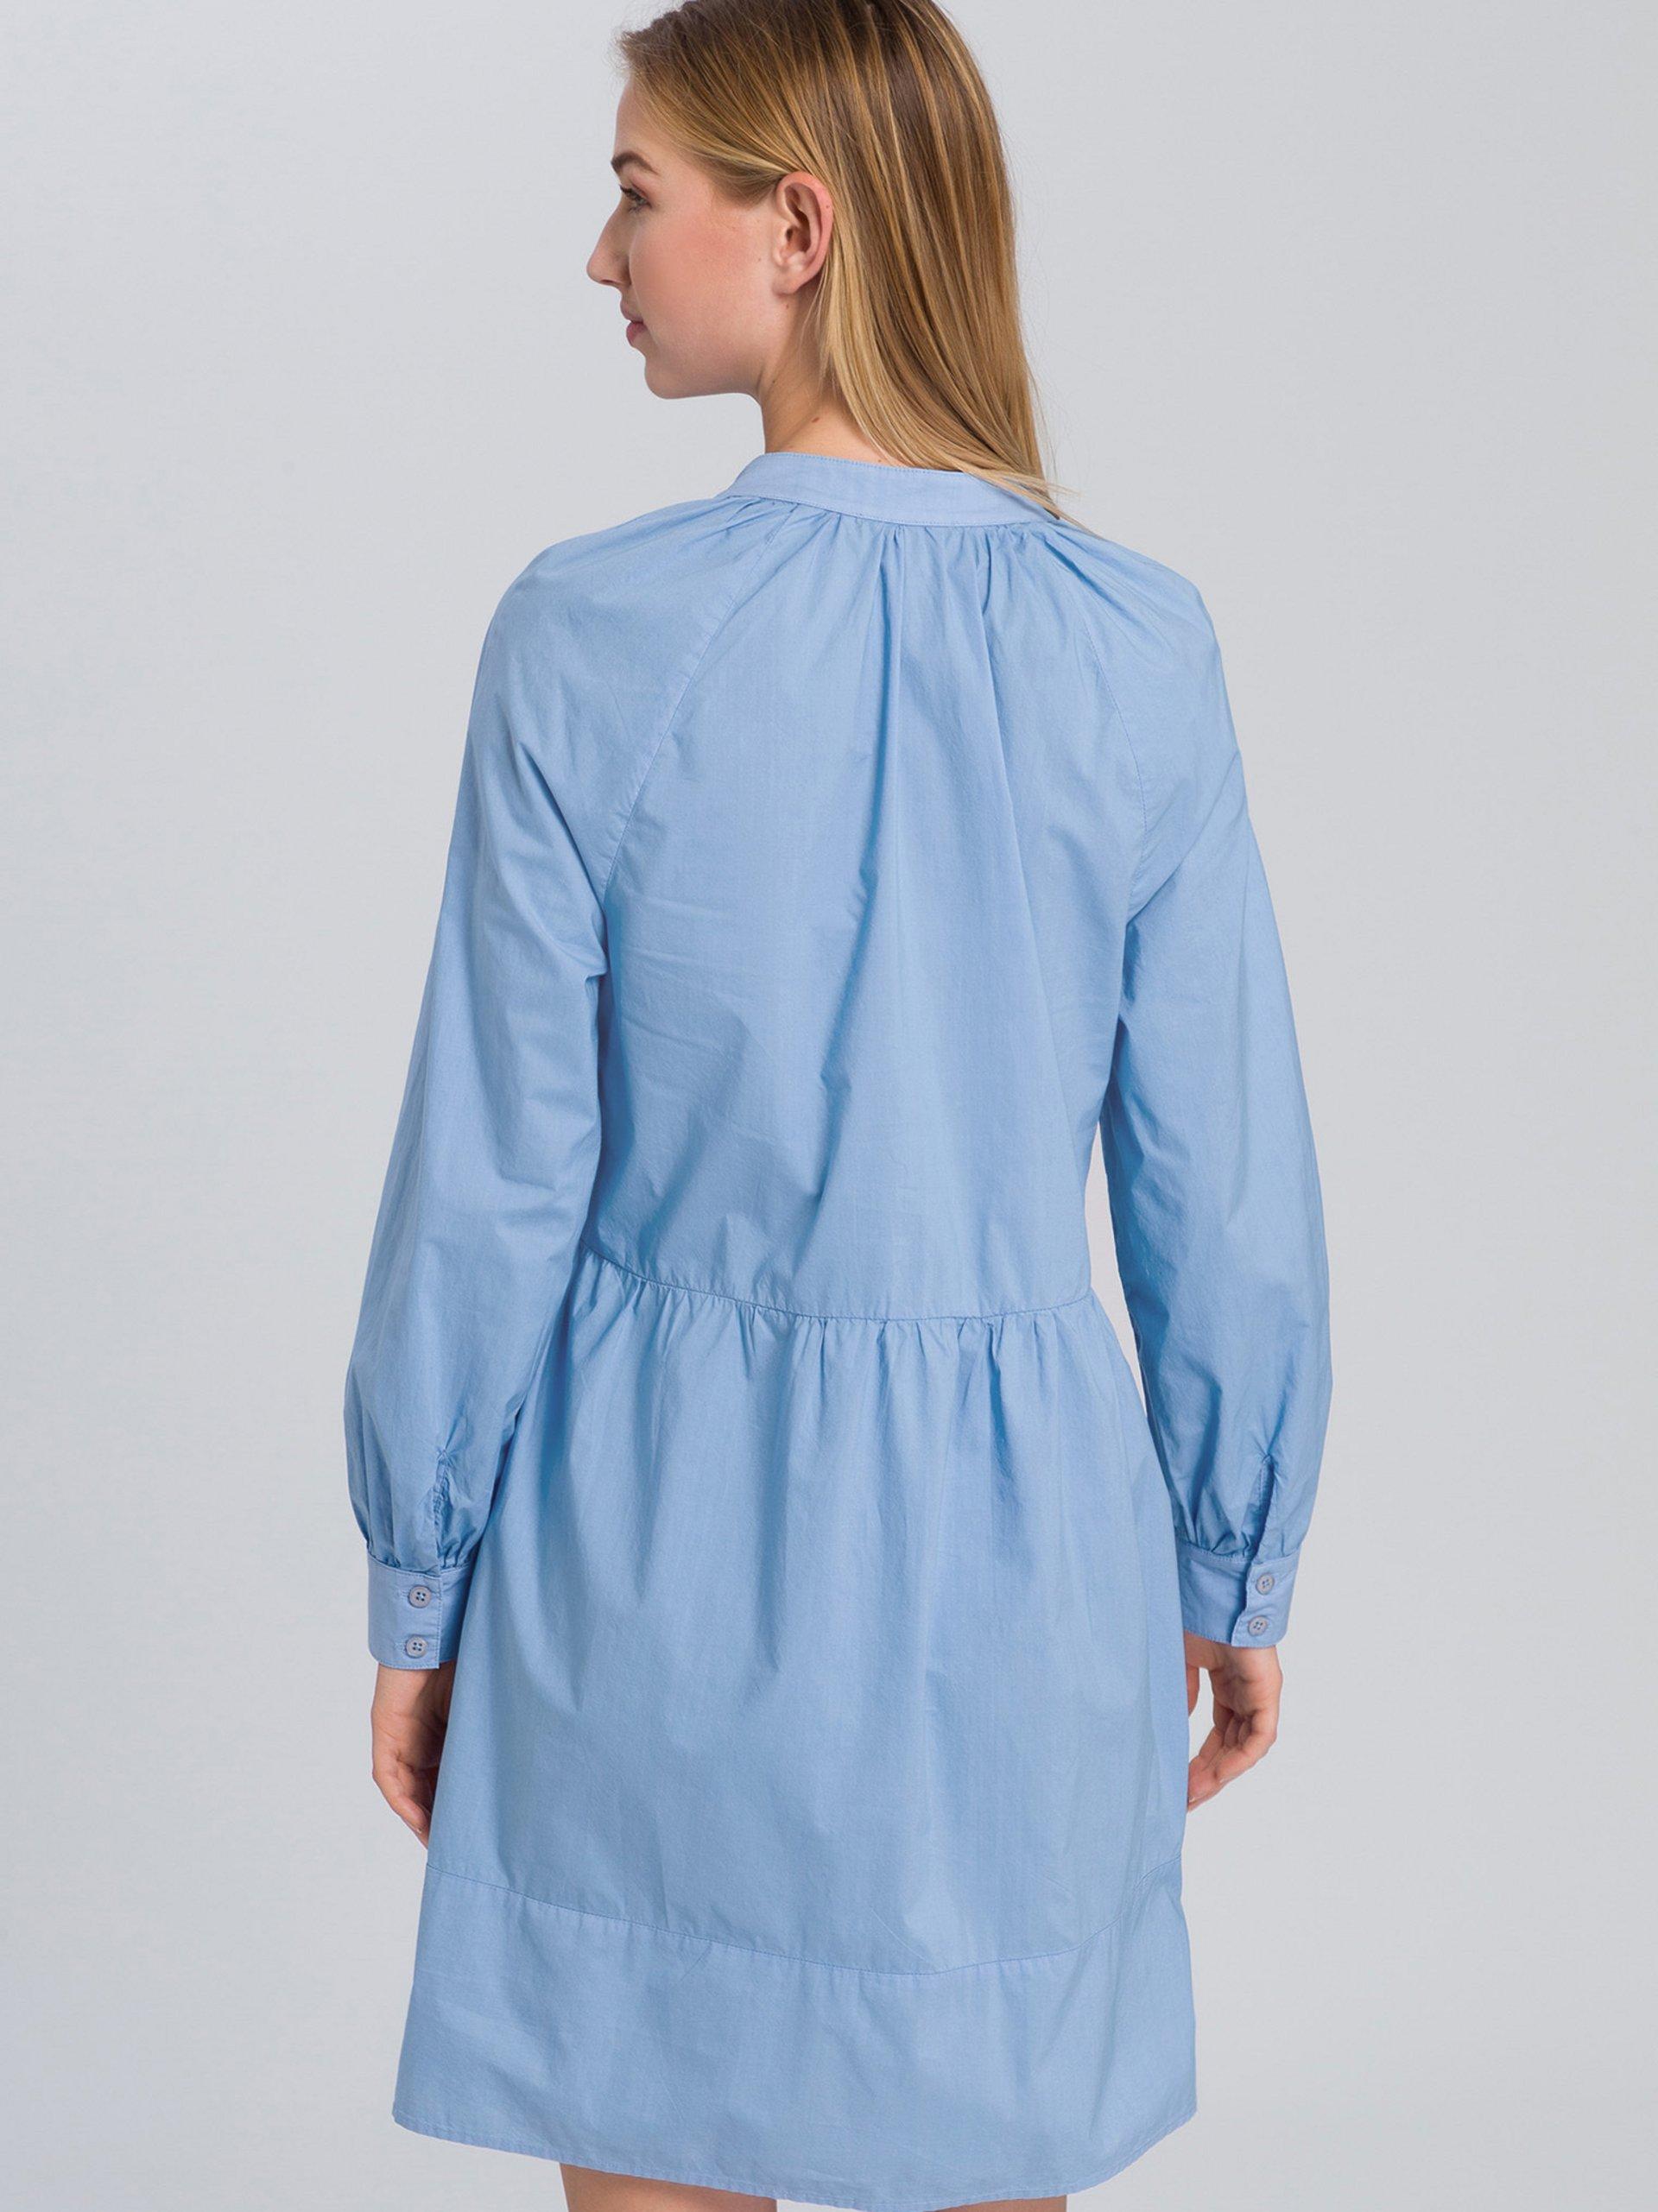 marc aurel damen minikleid online kaufen   peek-und